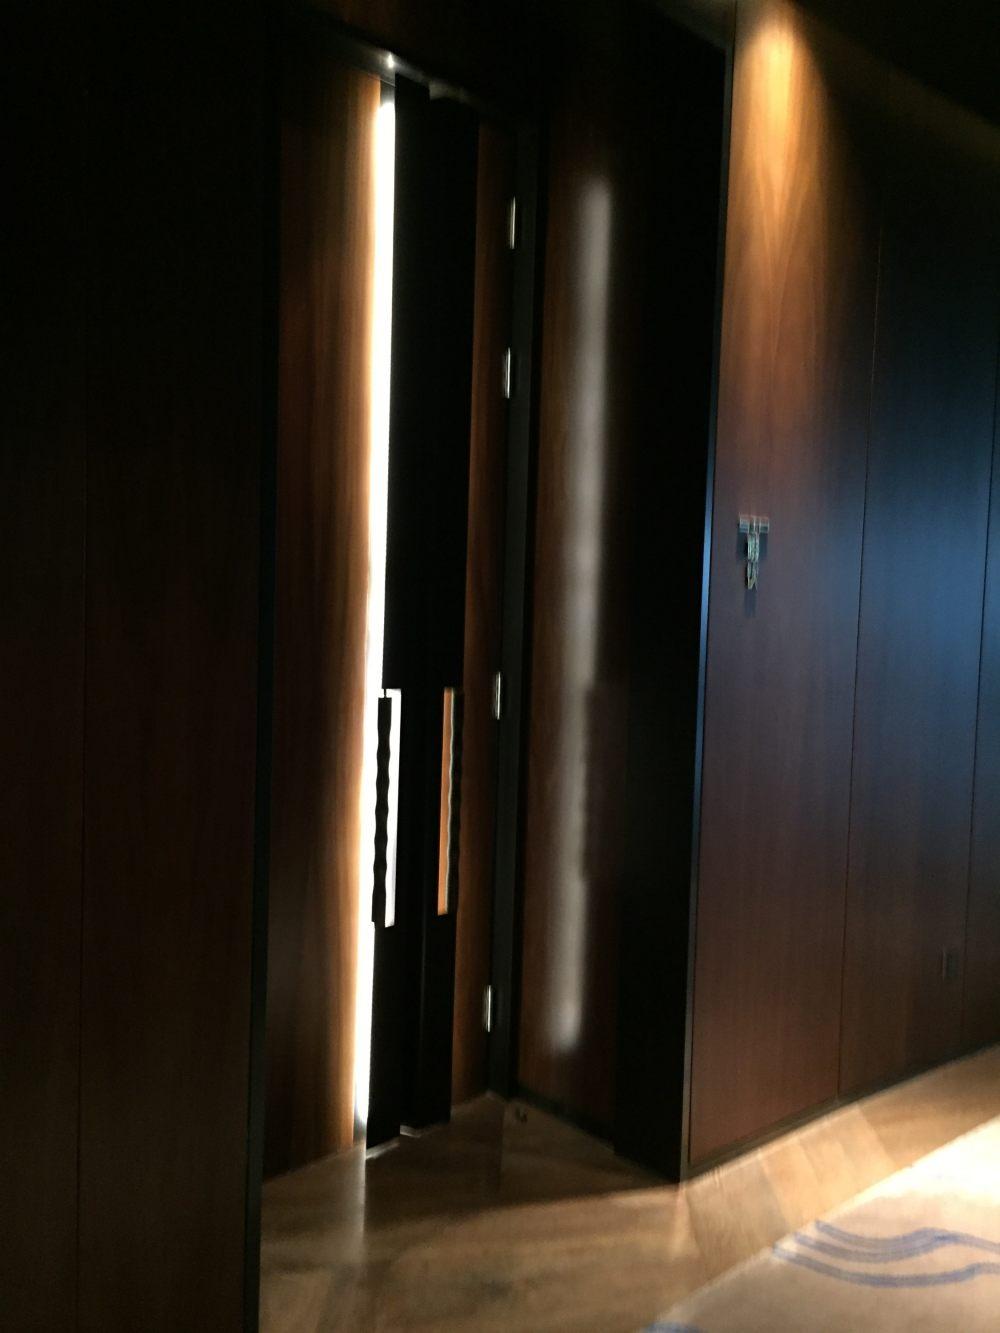 上海外滩W酒店,史上最全入住体验 自拍分享,申请置...._IMG_6253.JPG